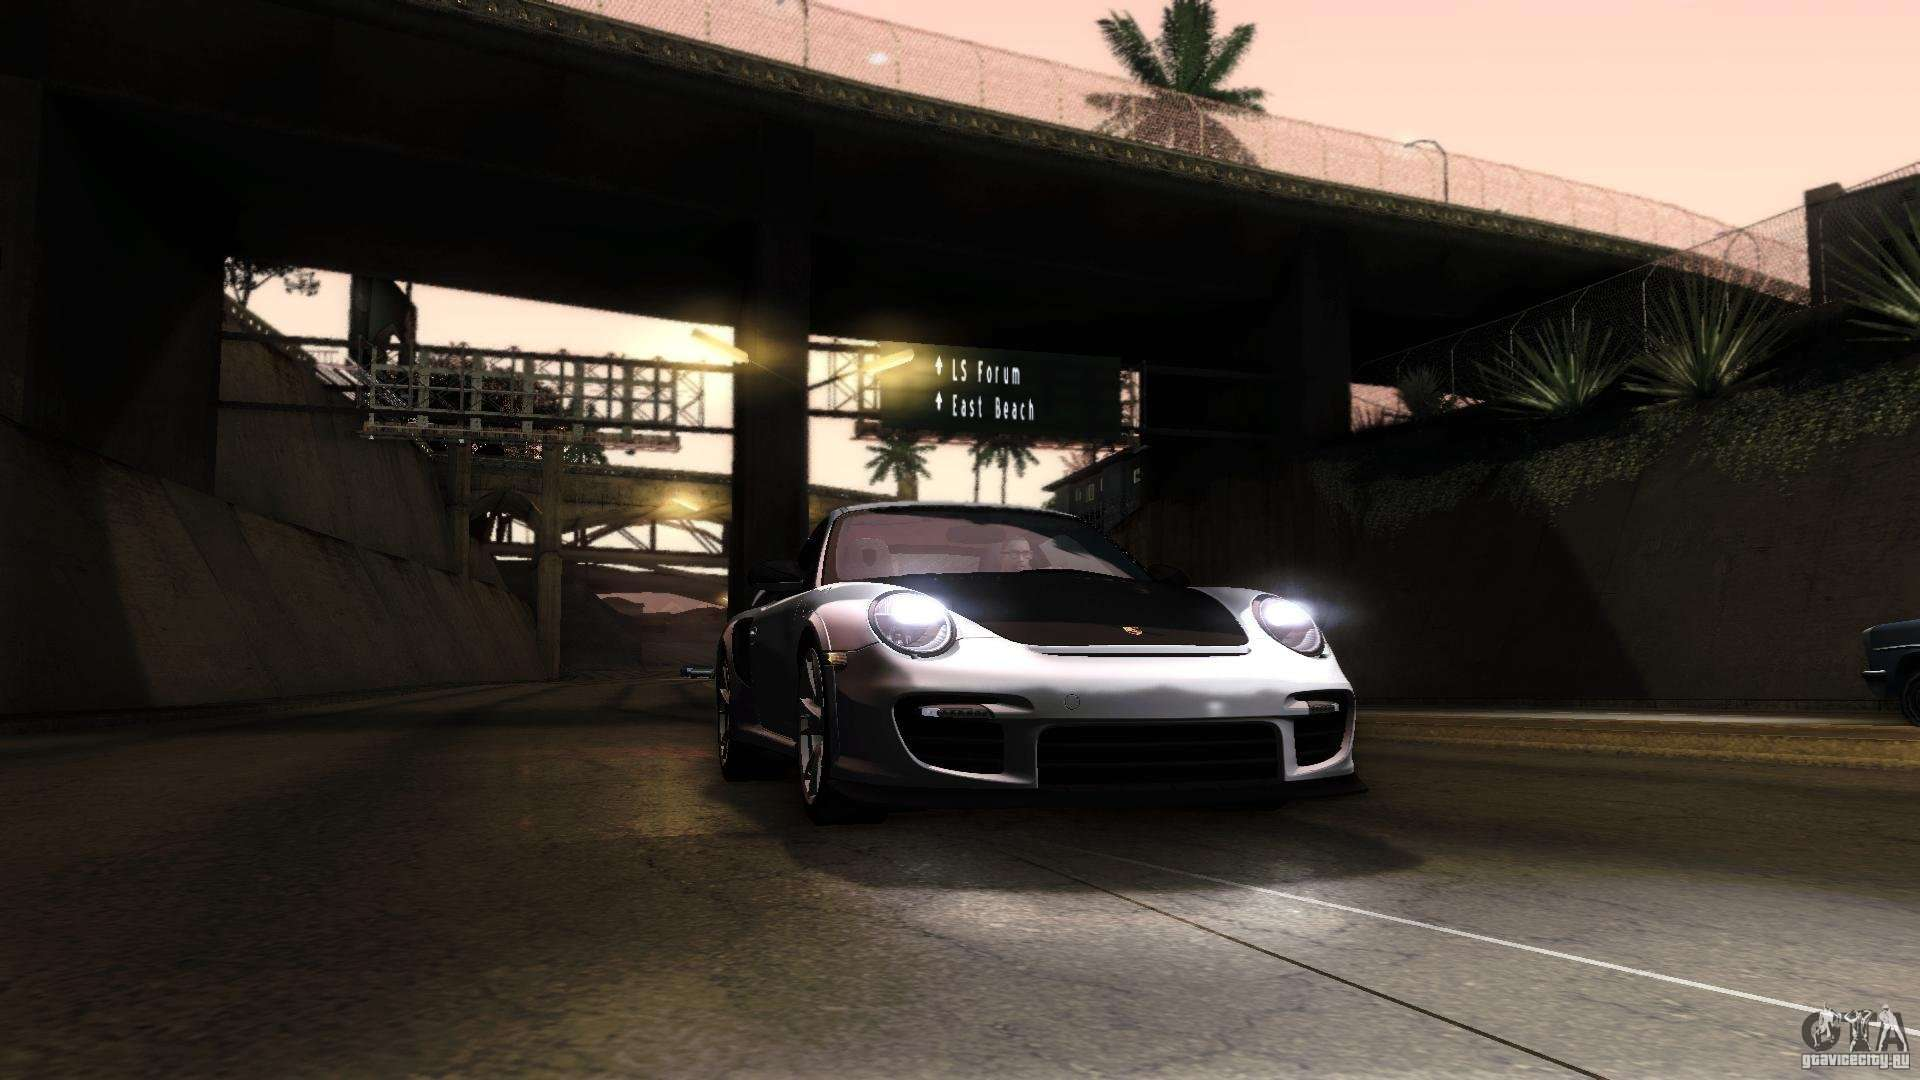 53241-1343576062-gta-sa2012-07-2918-39-26-59 Remarkable Porsche 911 Gt2 Xbox 360 Cars Trend